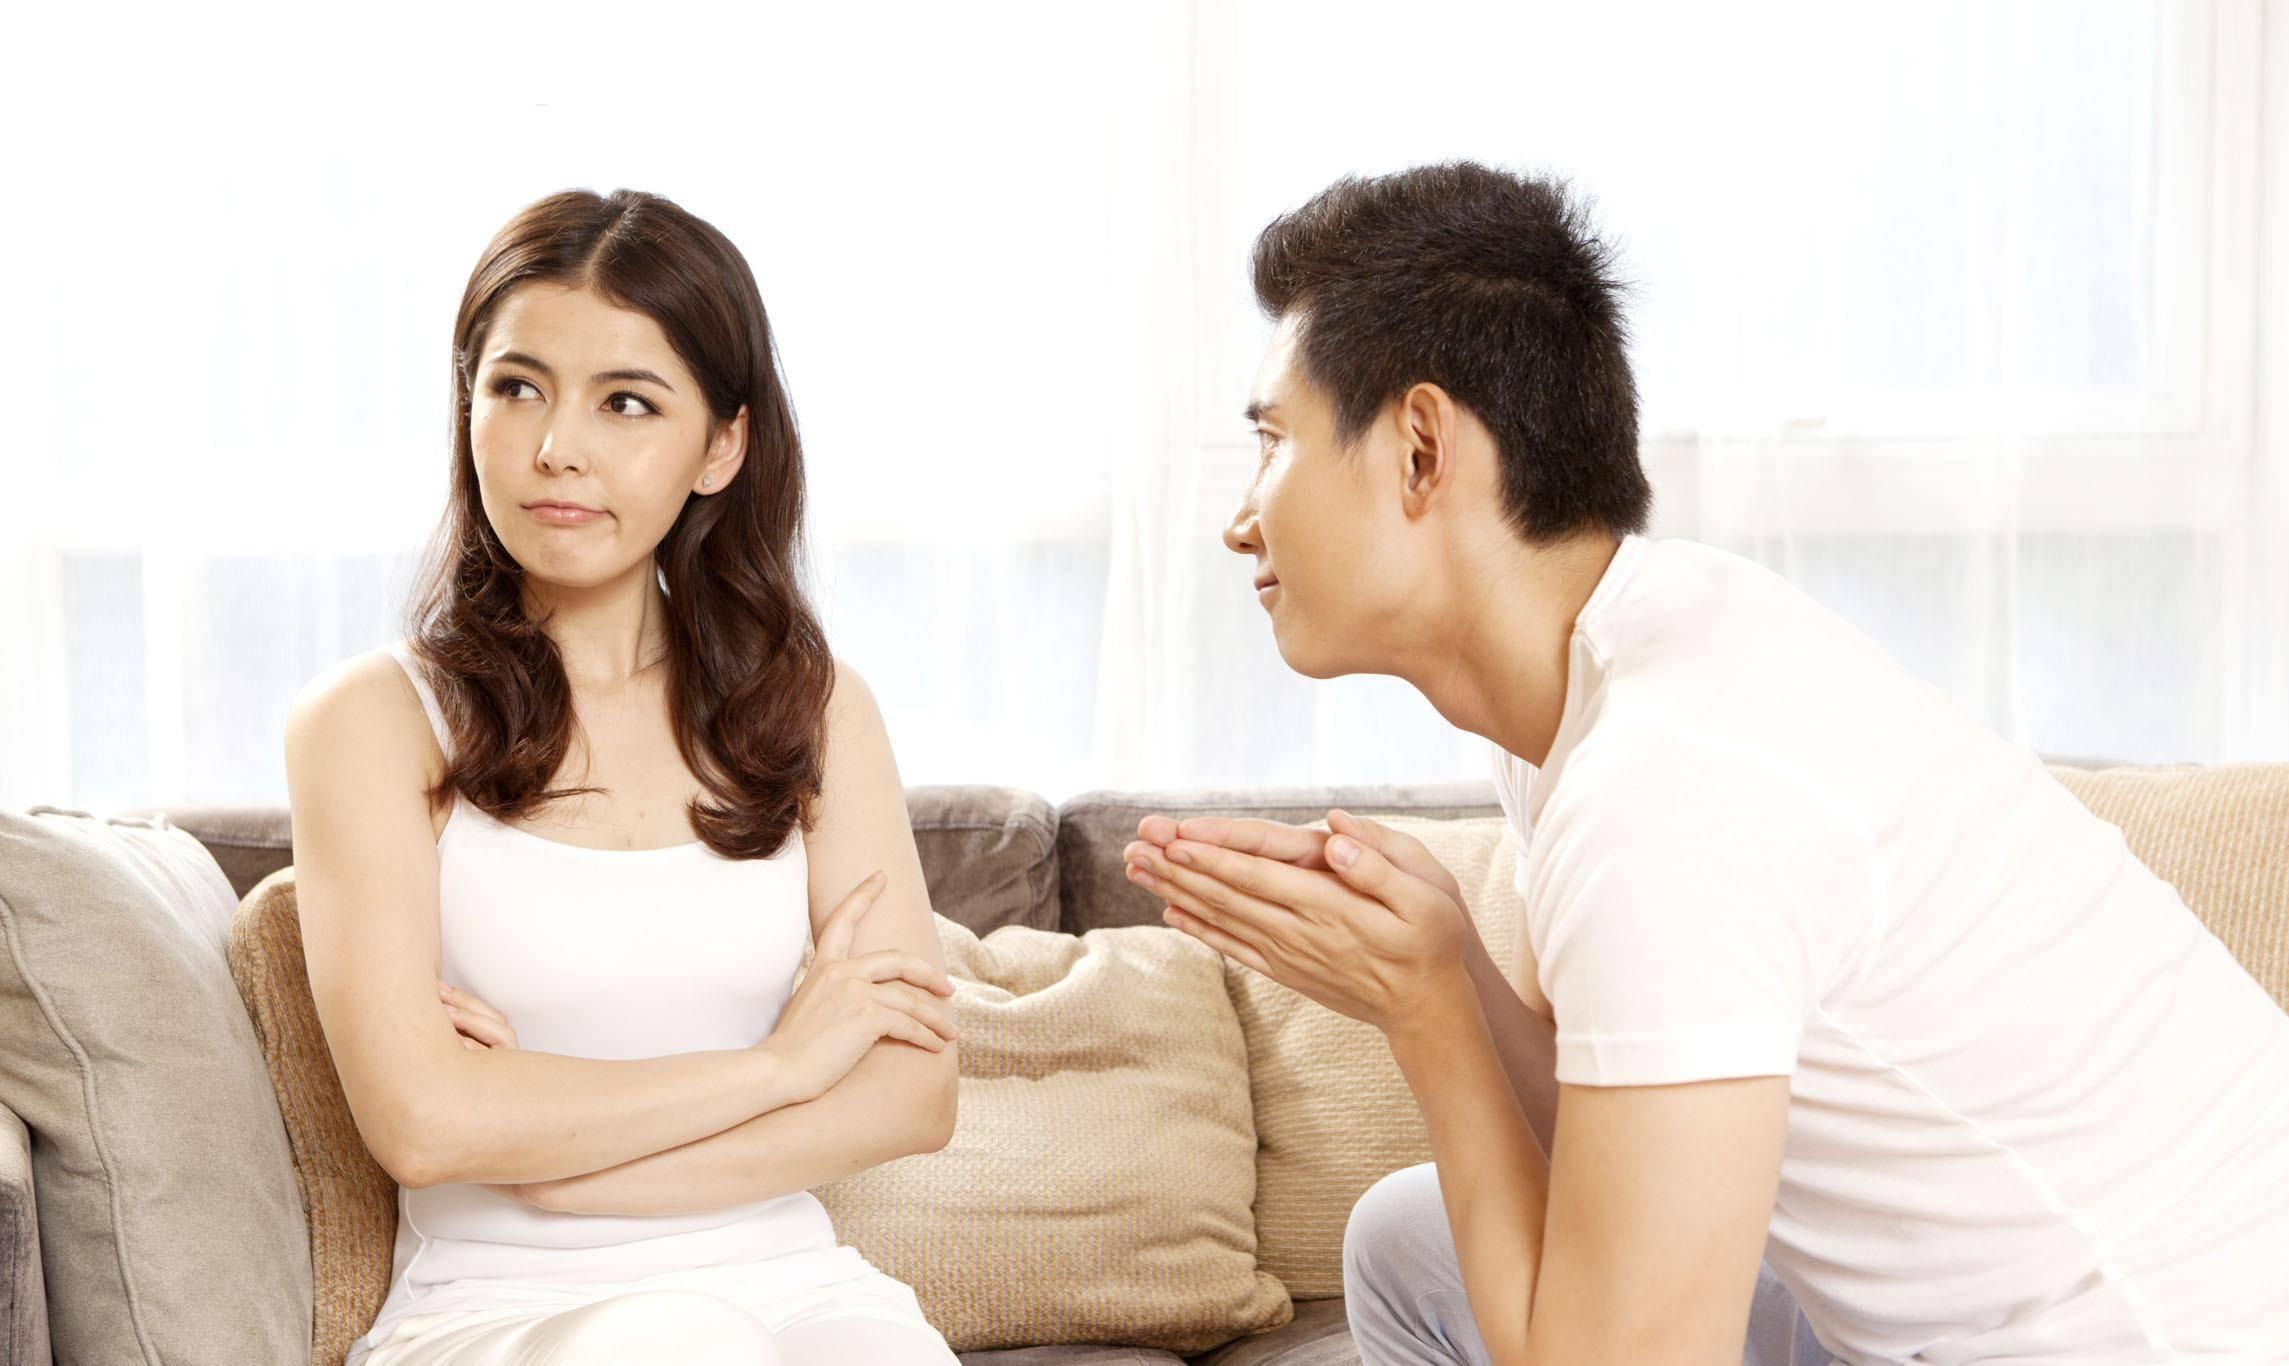 该怎么和男朋友提出分手 怎么样和男朋友分手